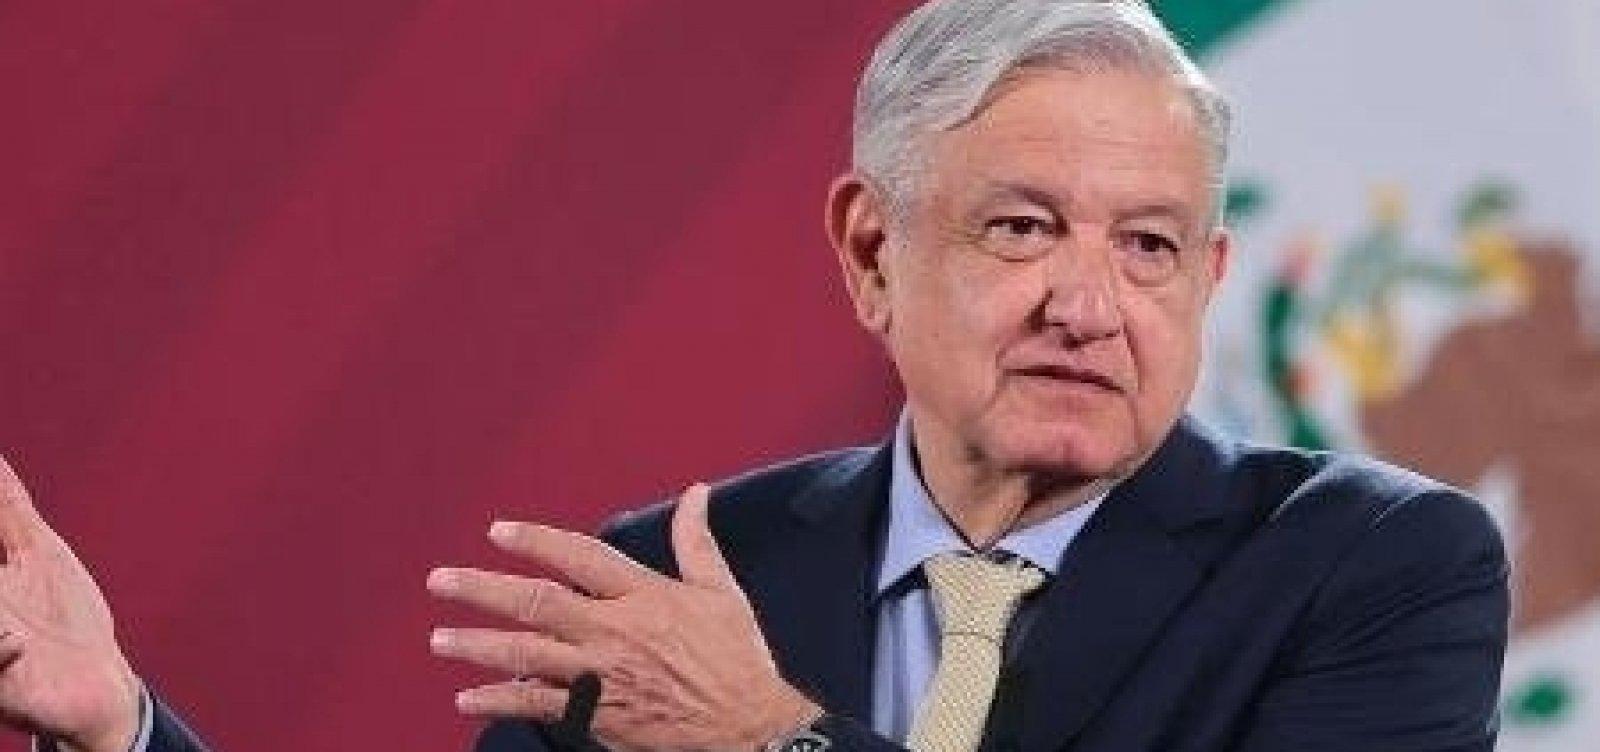 [Presidente do México é diagnosticado com Covid-19]